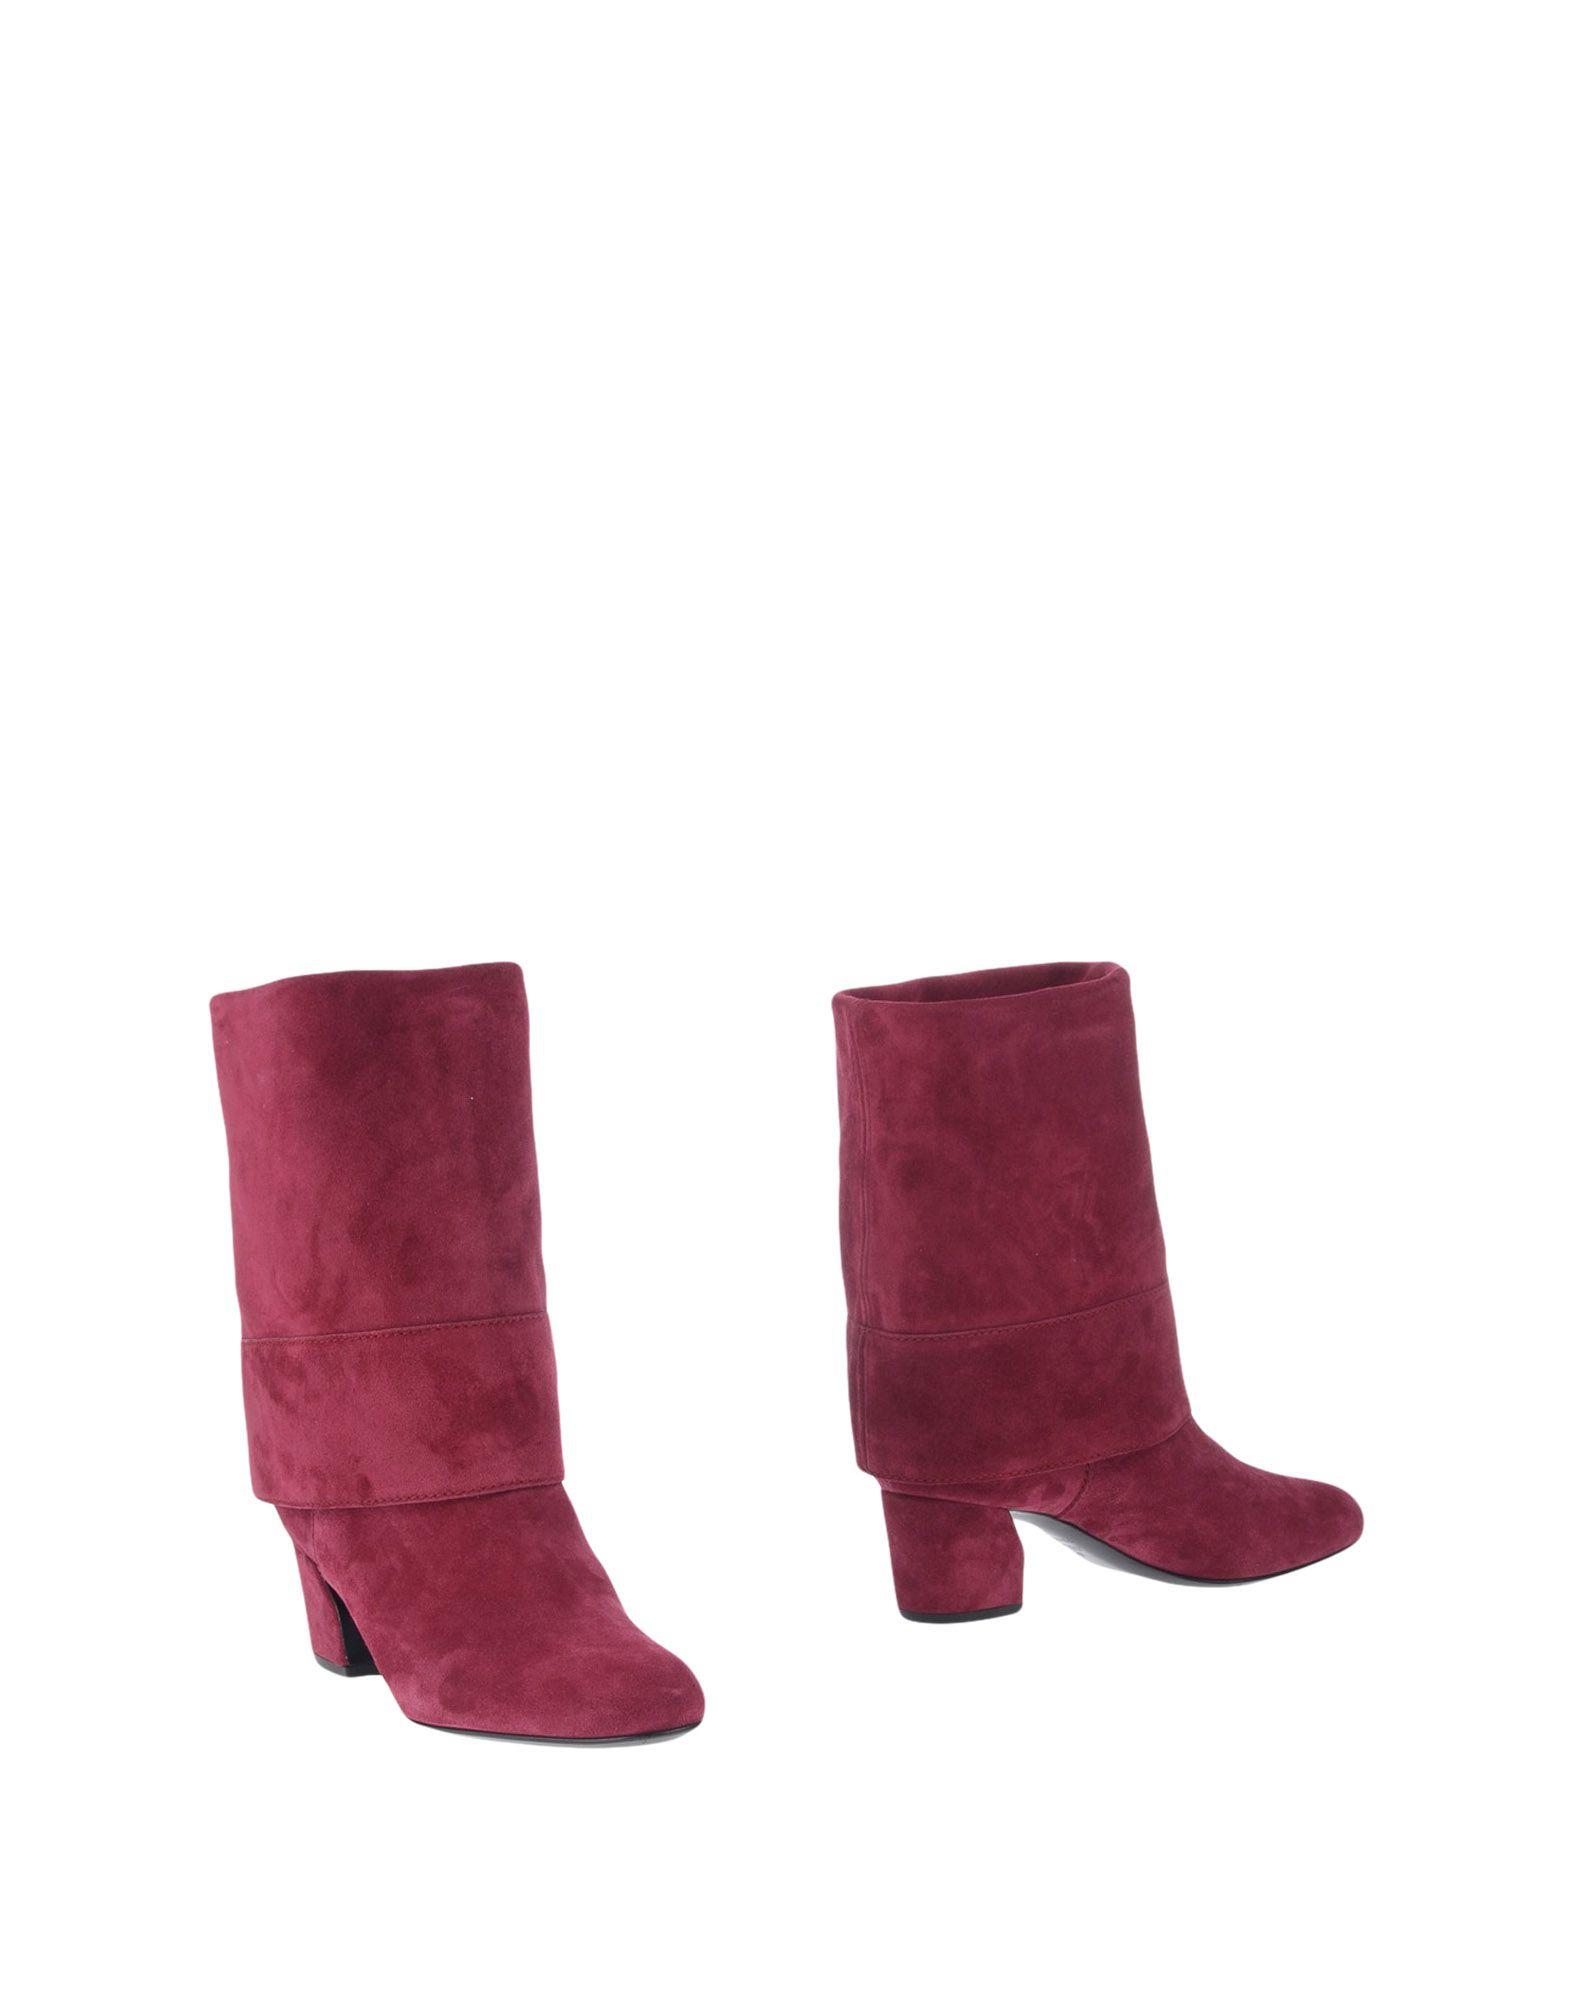 Casadei Stiefelette Damen  11308882GAGünstige gut aussehende Schuhe